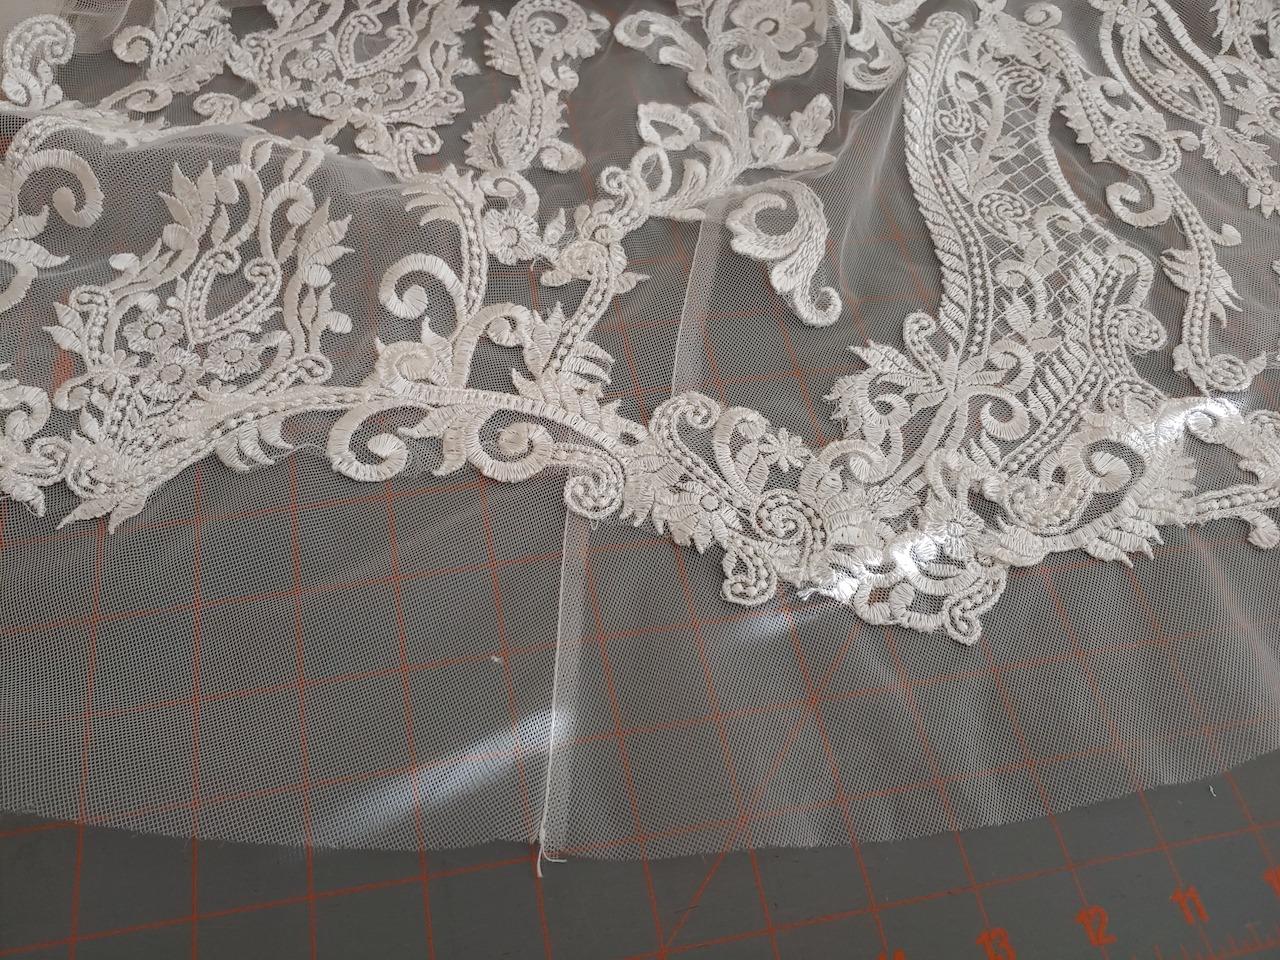 lace vine patterns